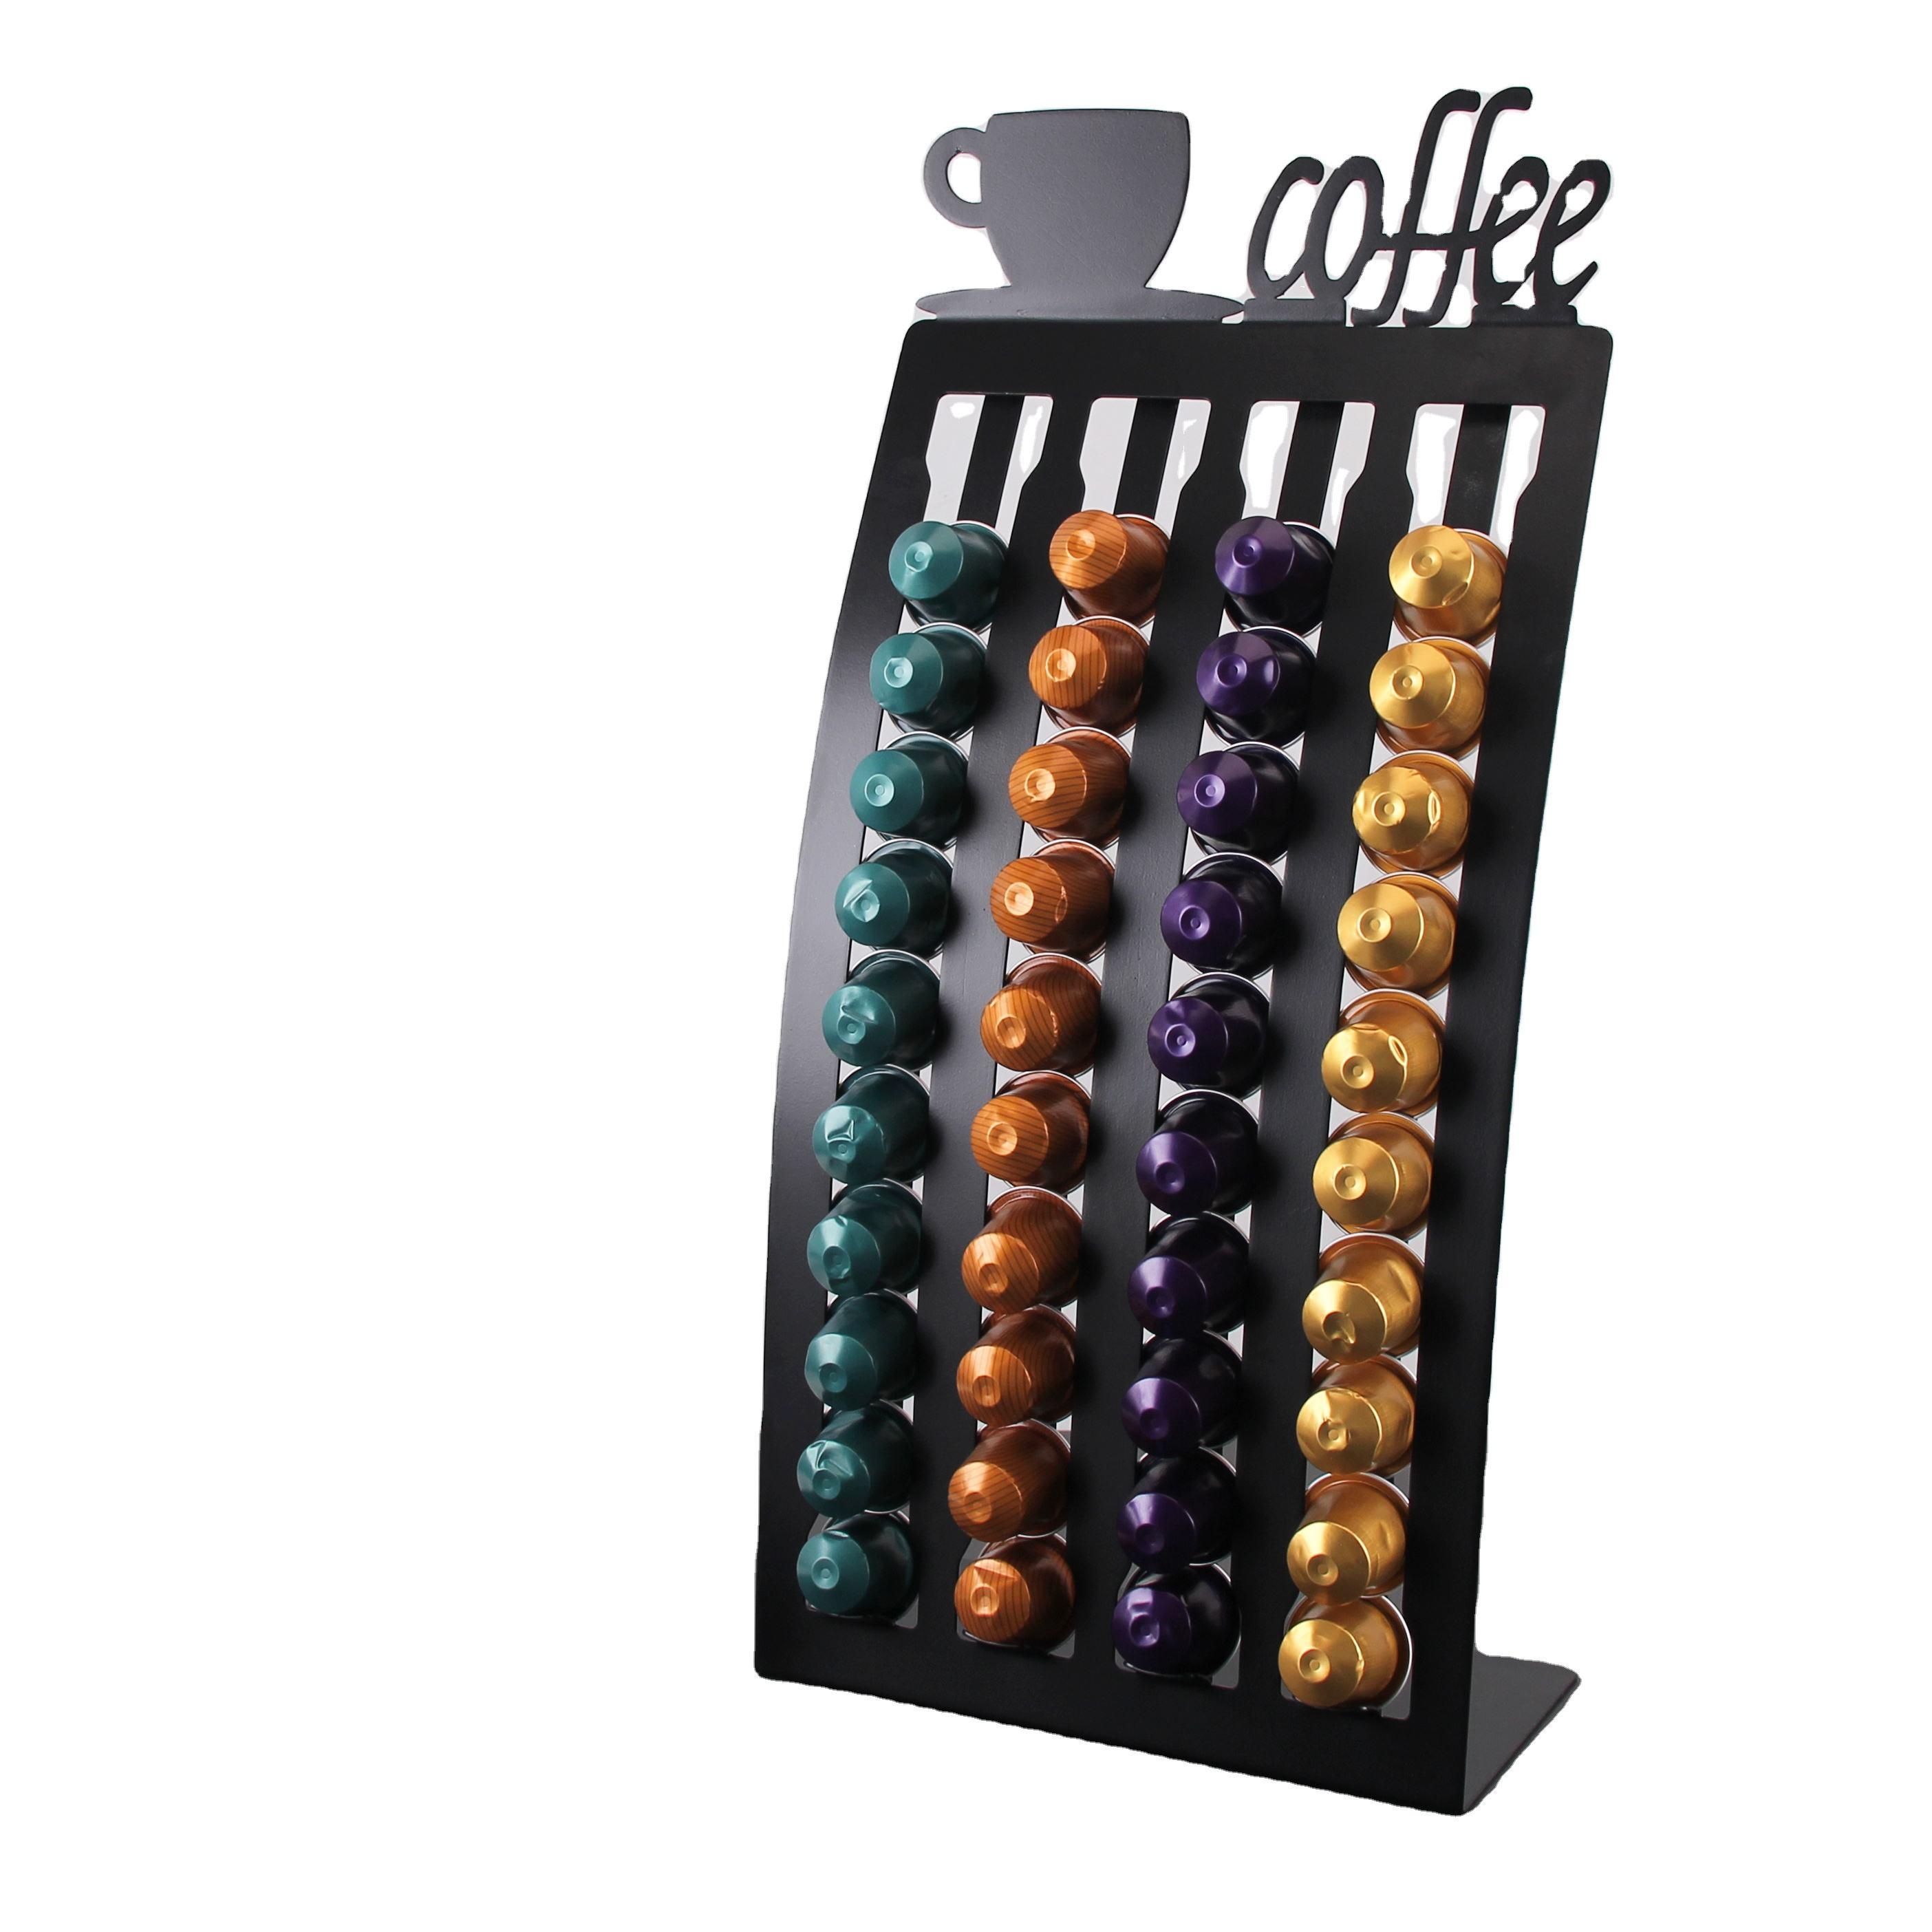 40pcs di Colore Nero In Piedi di Ferro Macchina Da Caffè Nespresso Capsule Supporto